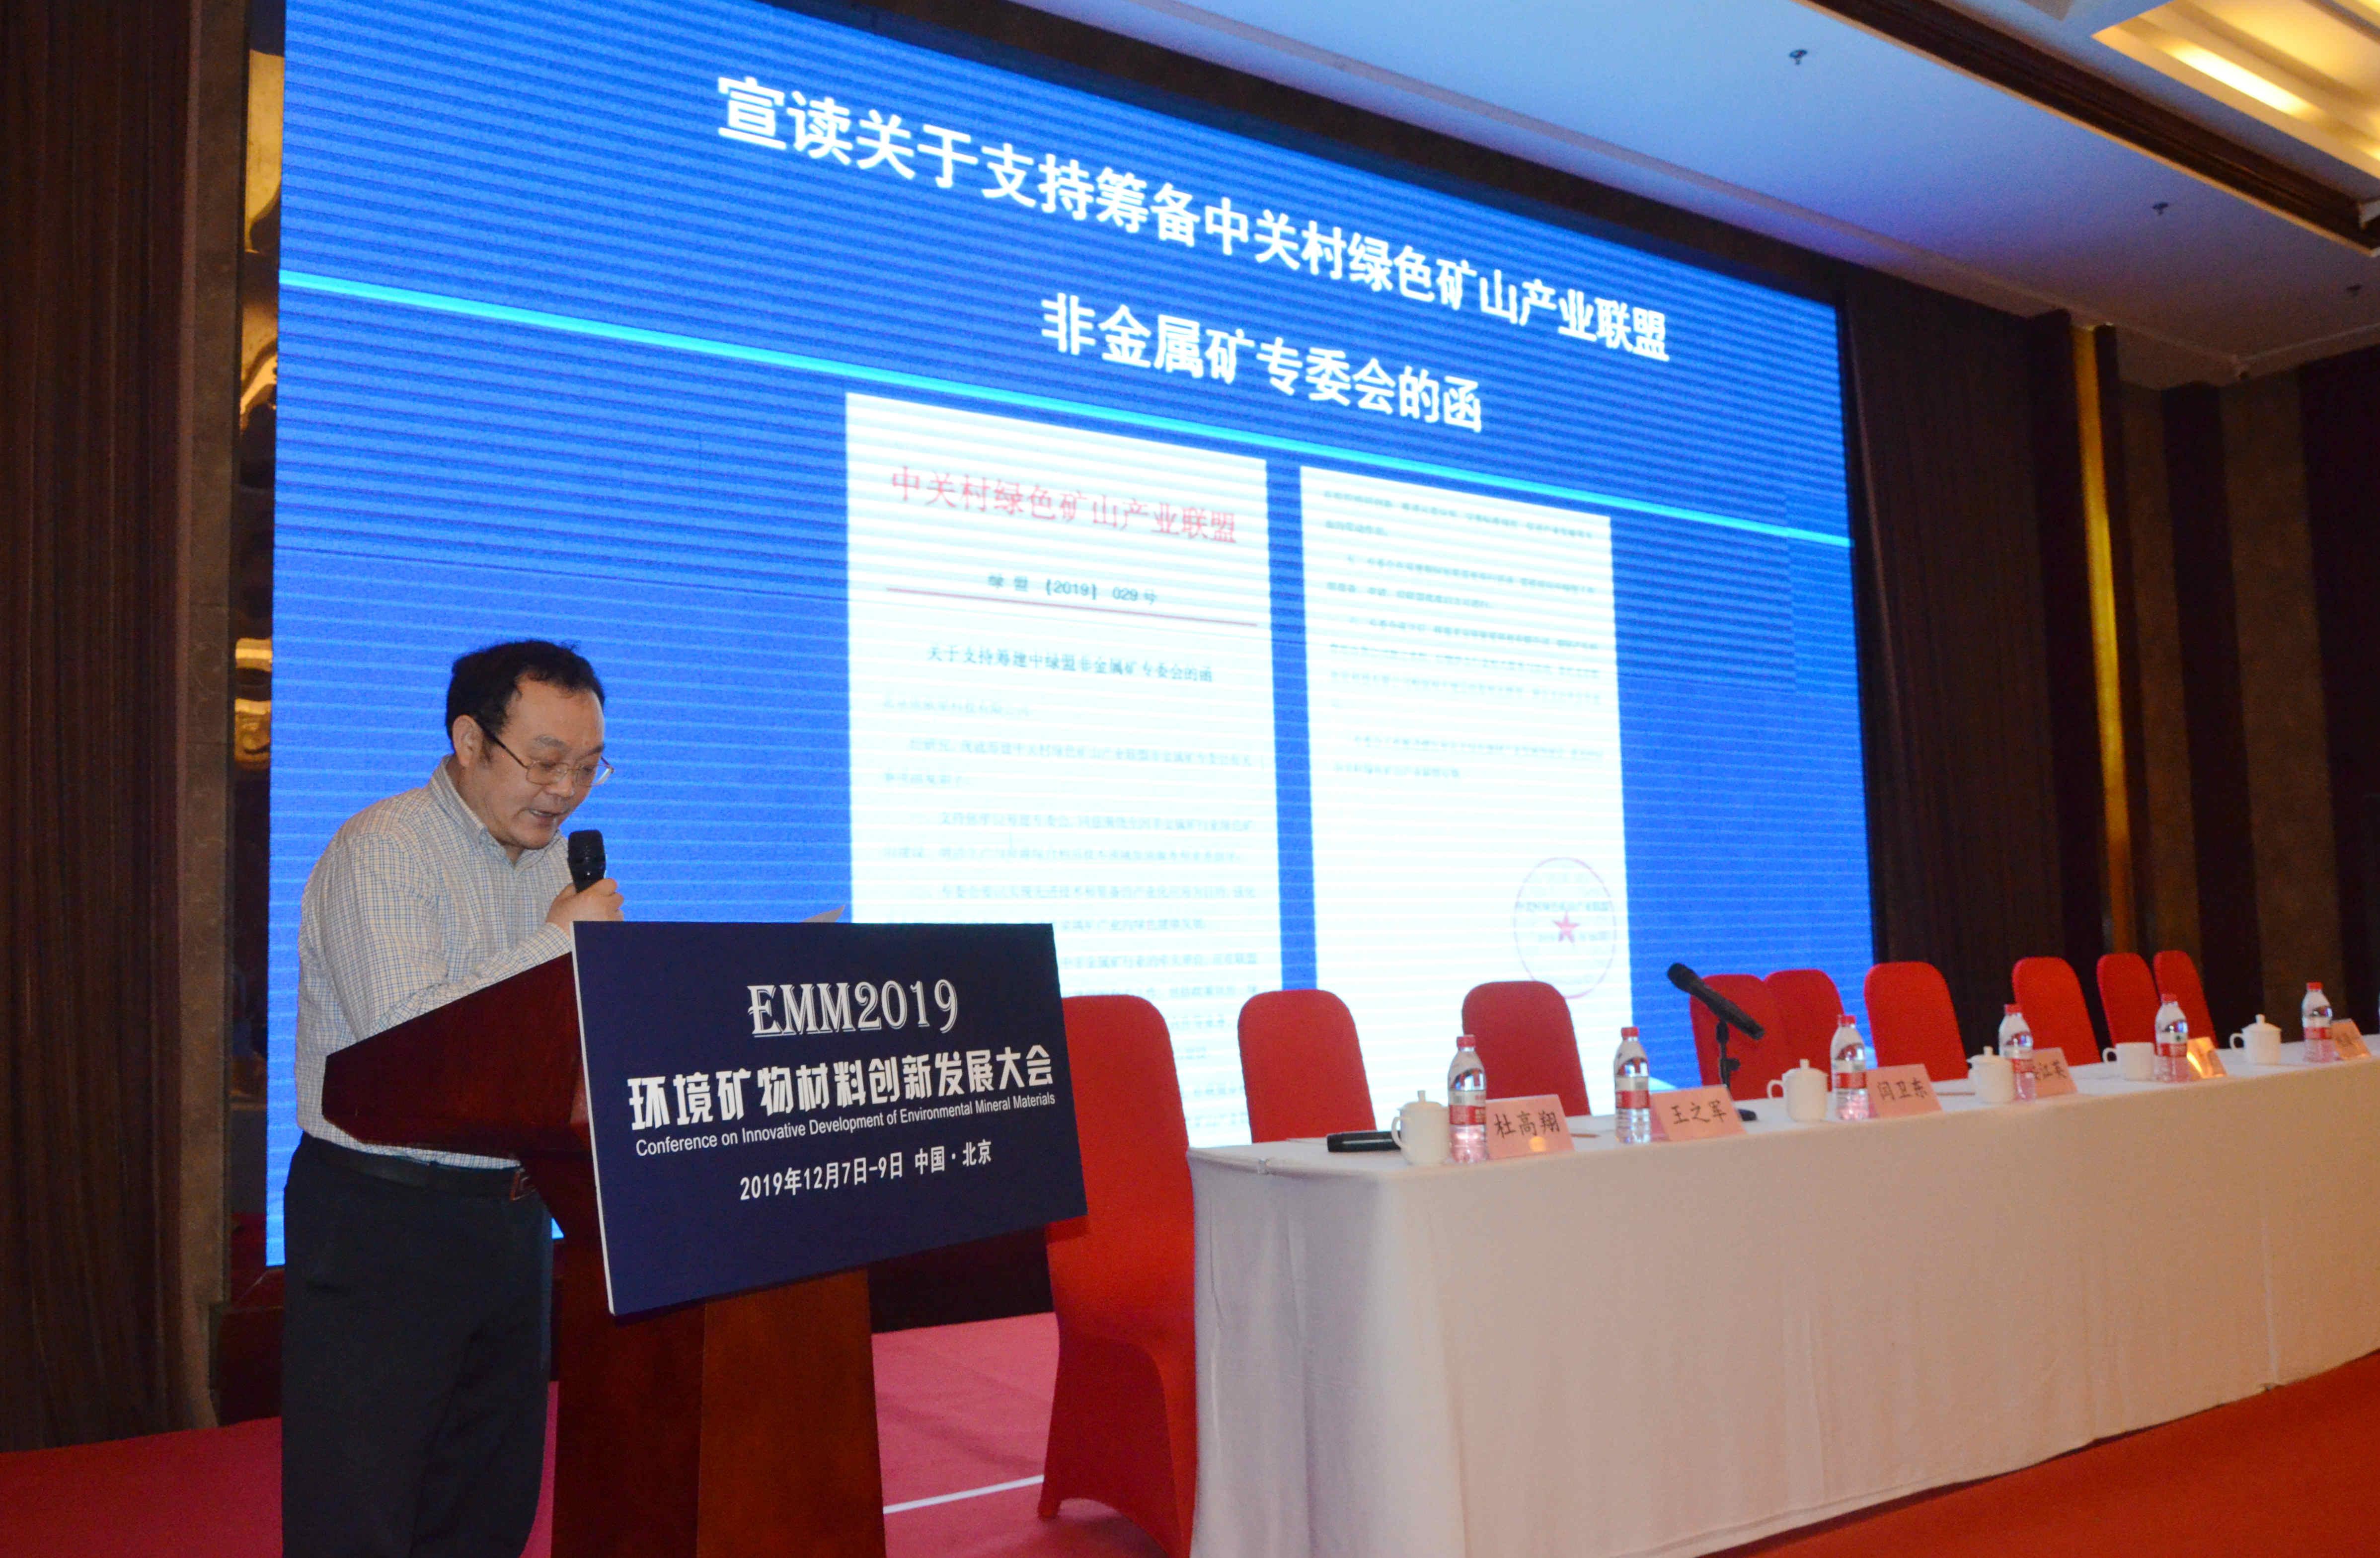 中关村绿色矿山产业联盟秘书长王亮宣读《关于成立中关村绿色矿山产业联盟非金属矿专委会的函》